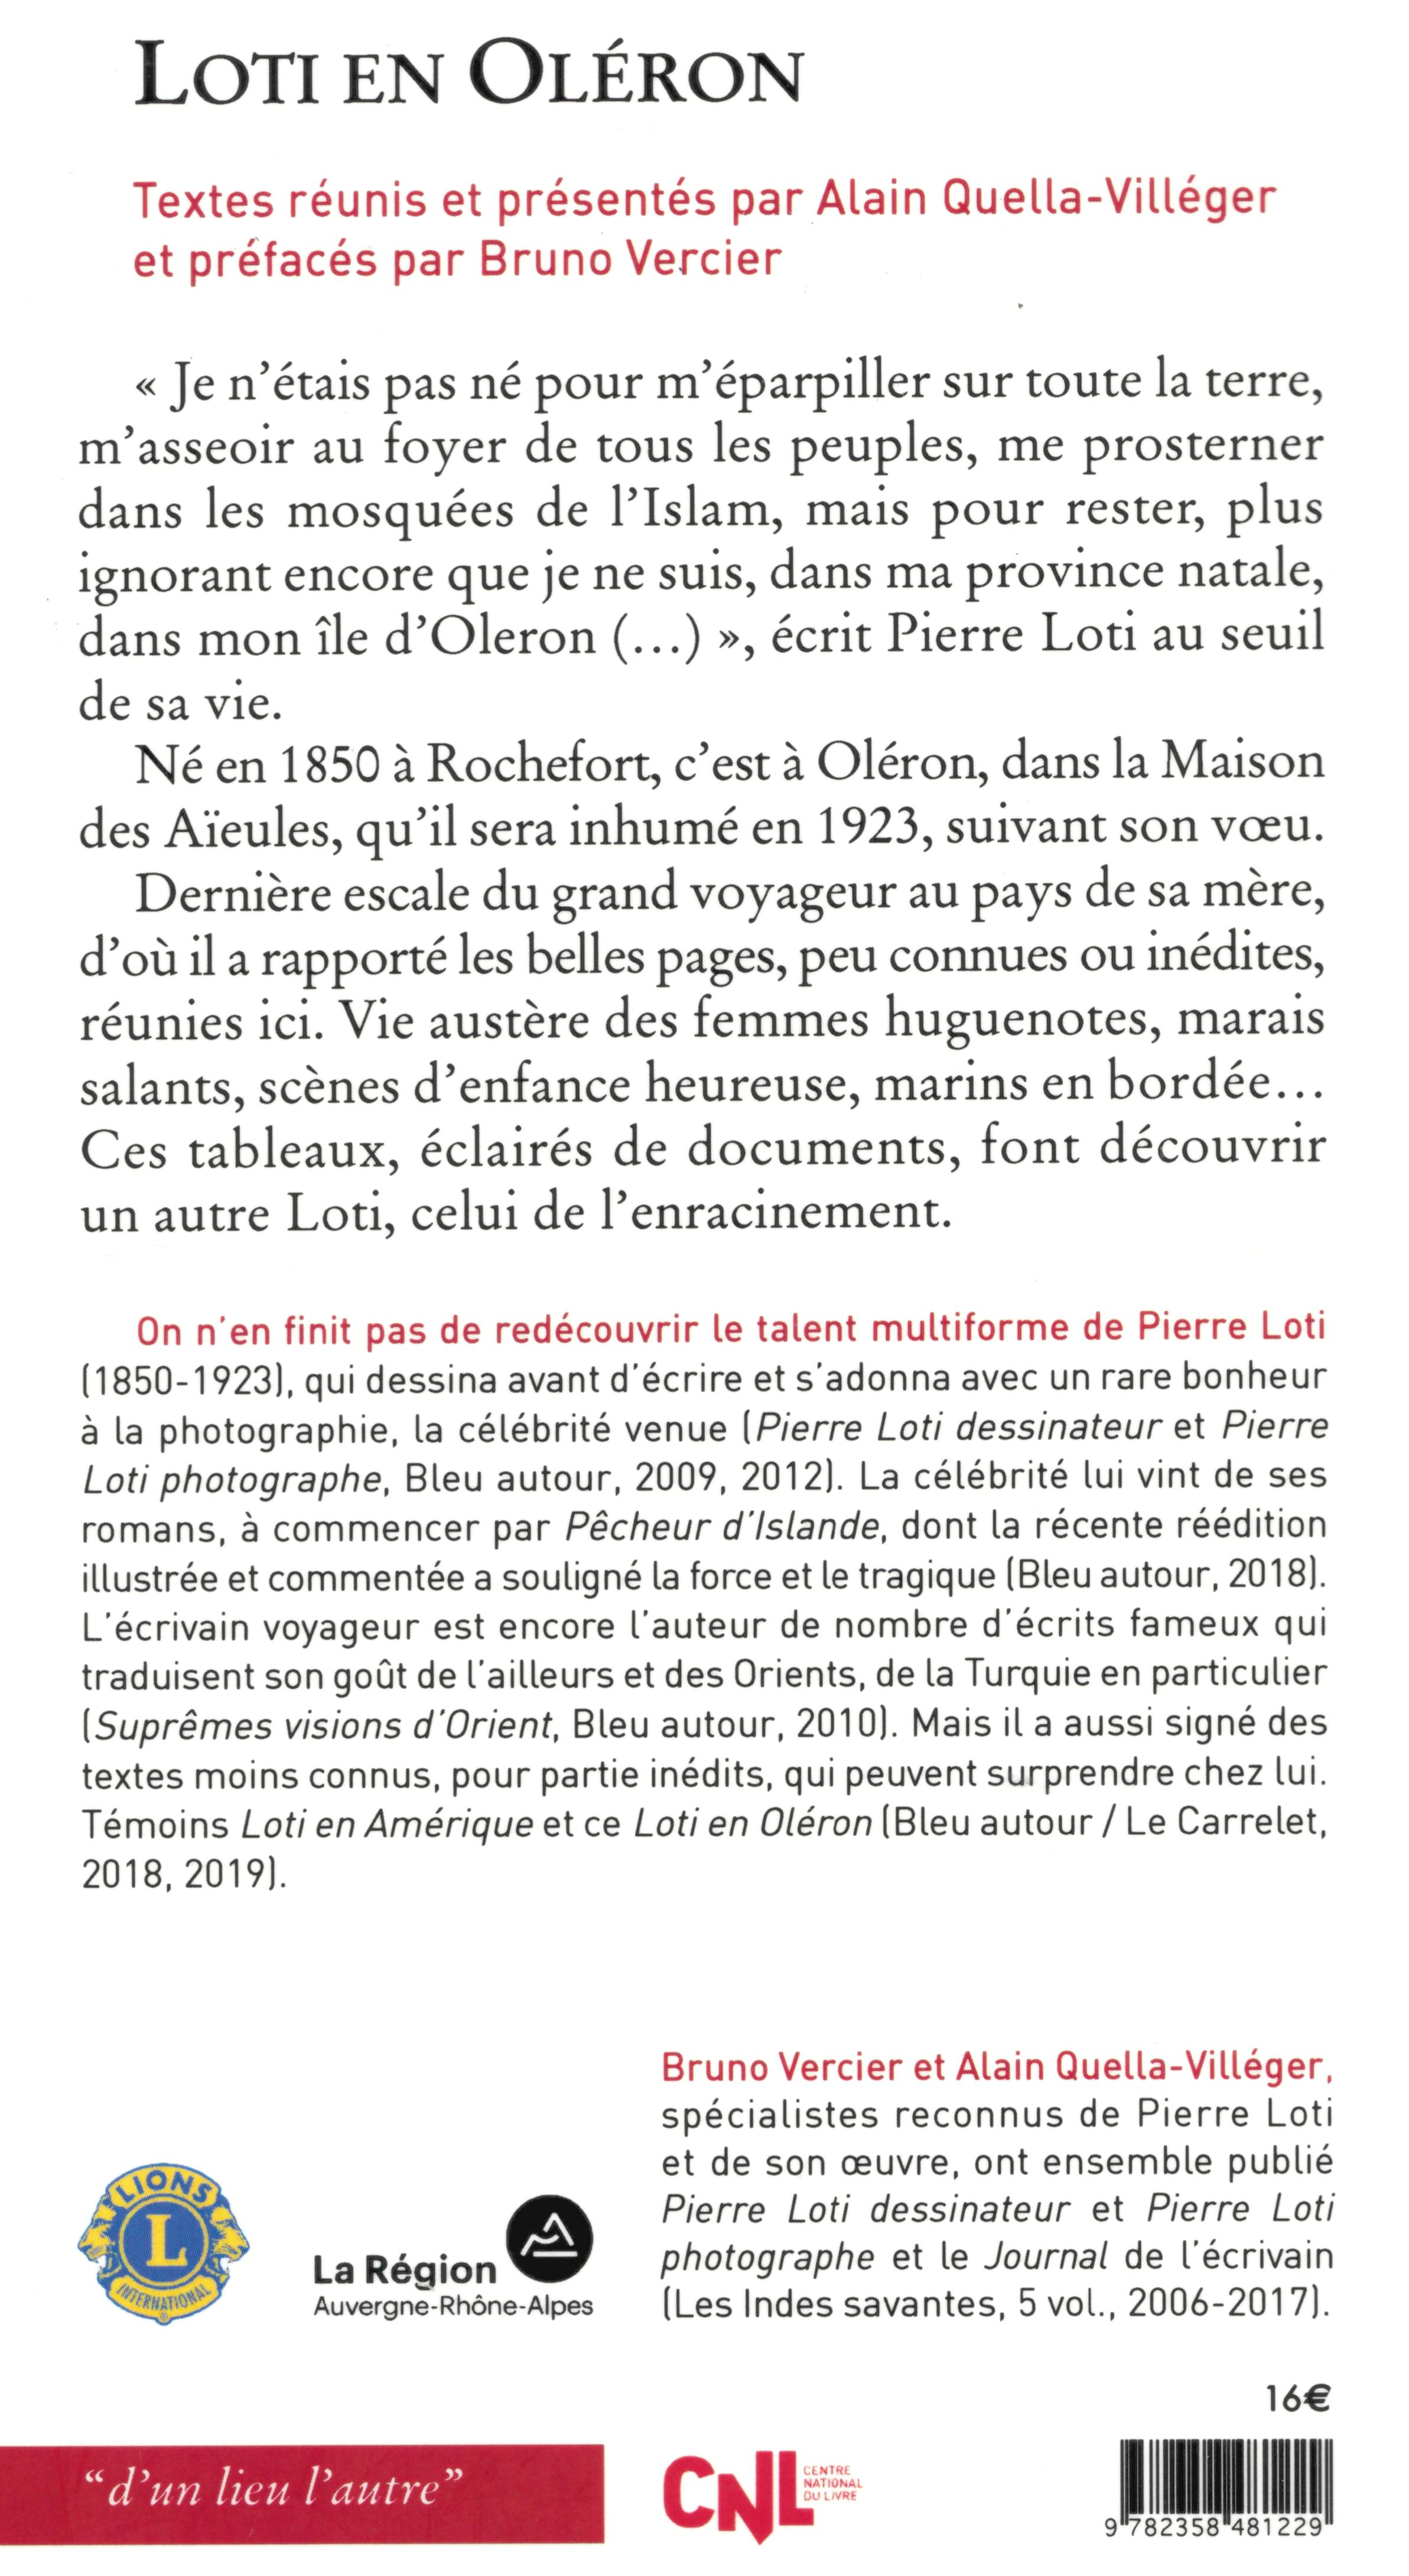 4ième couverture livre Pierre Loti-Oléron AQV